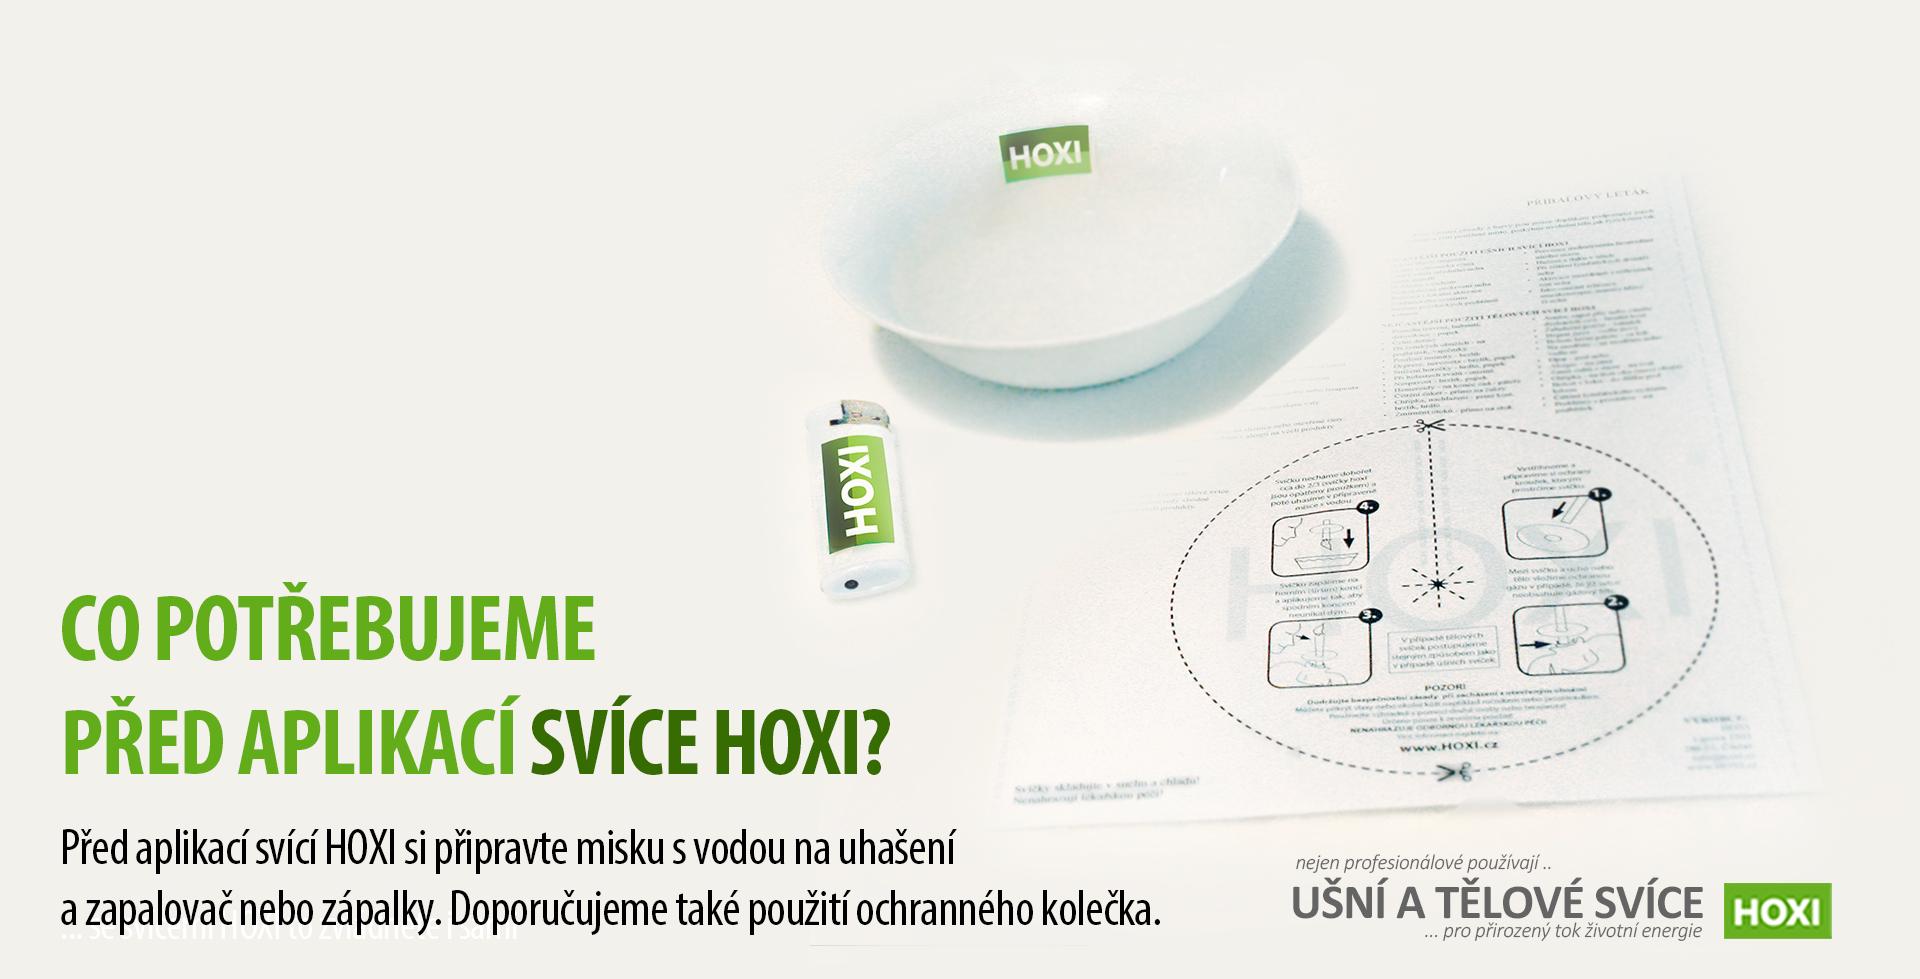 HOXI-ušní-a-tělové-svíce--Co potřebujeme před aplikací bílé tělové svíce HOXI